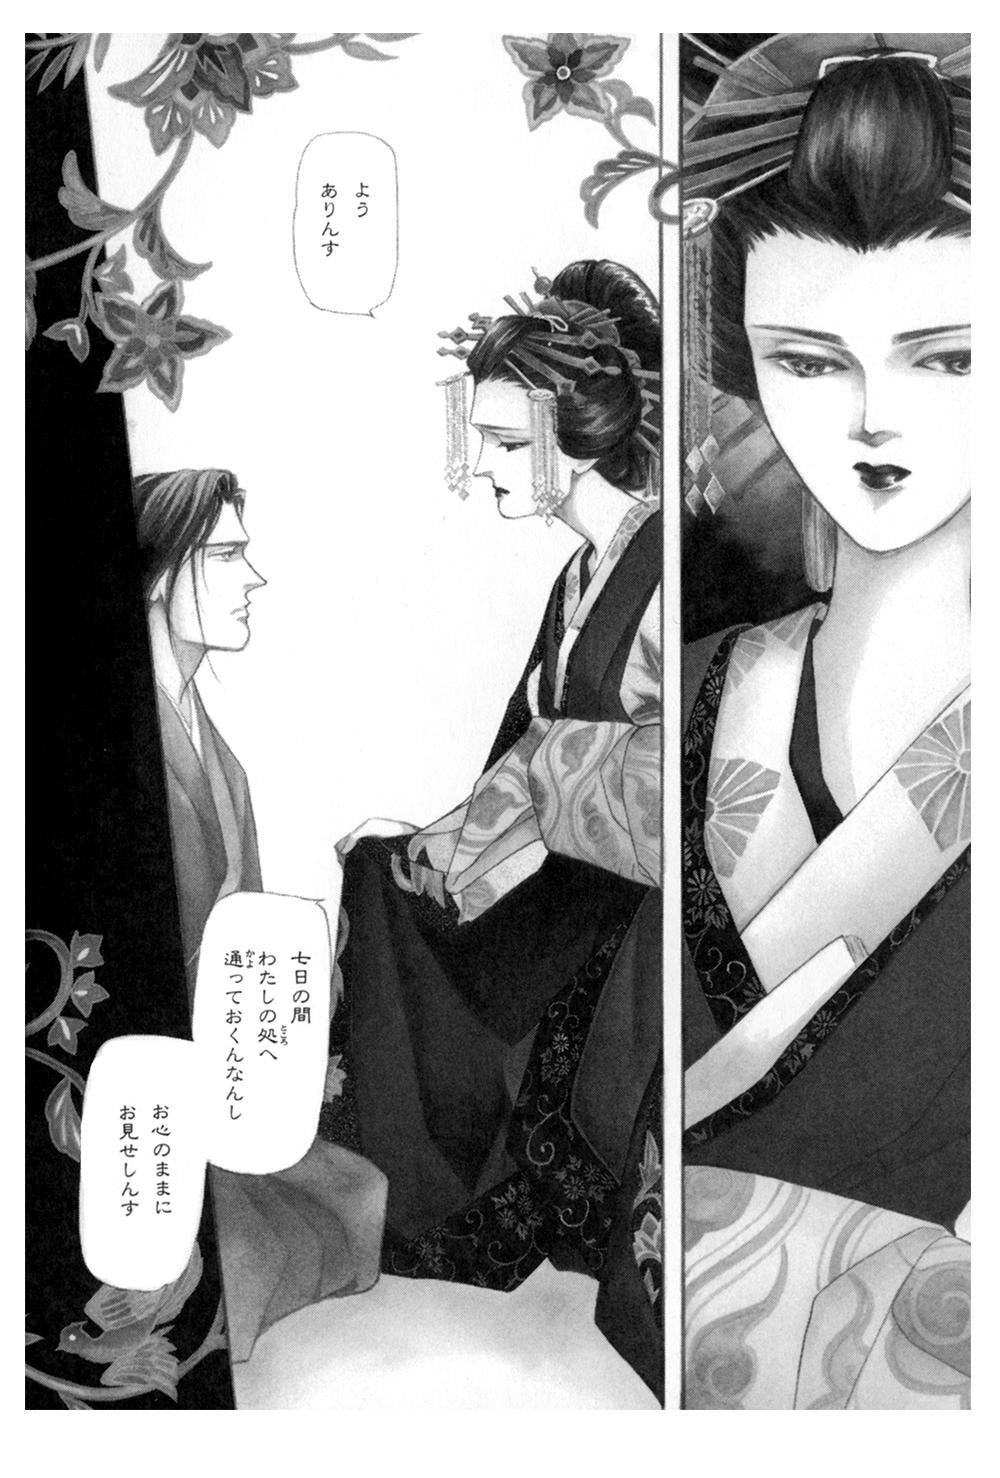 雨柳堂夢咄 第5話「花に暮れる」①uryudo01-118.jpg